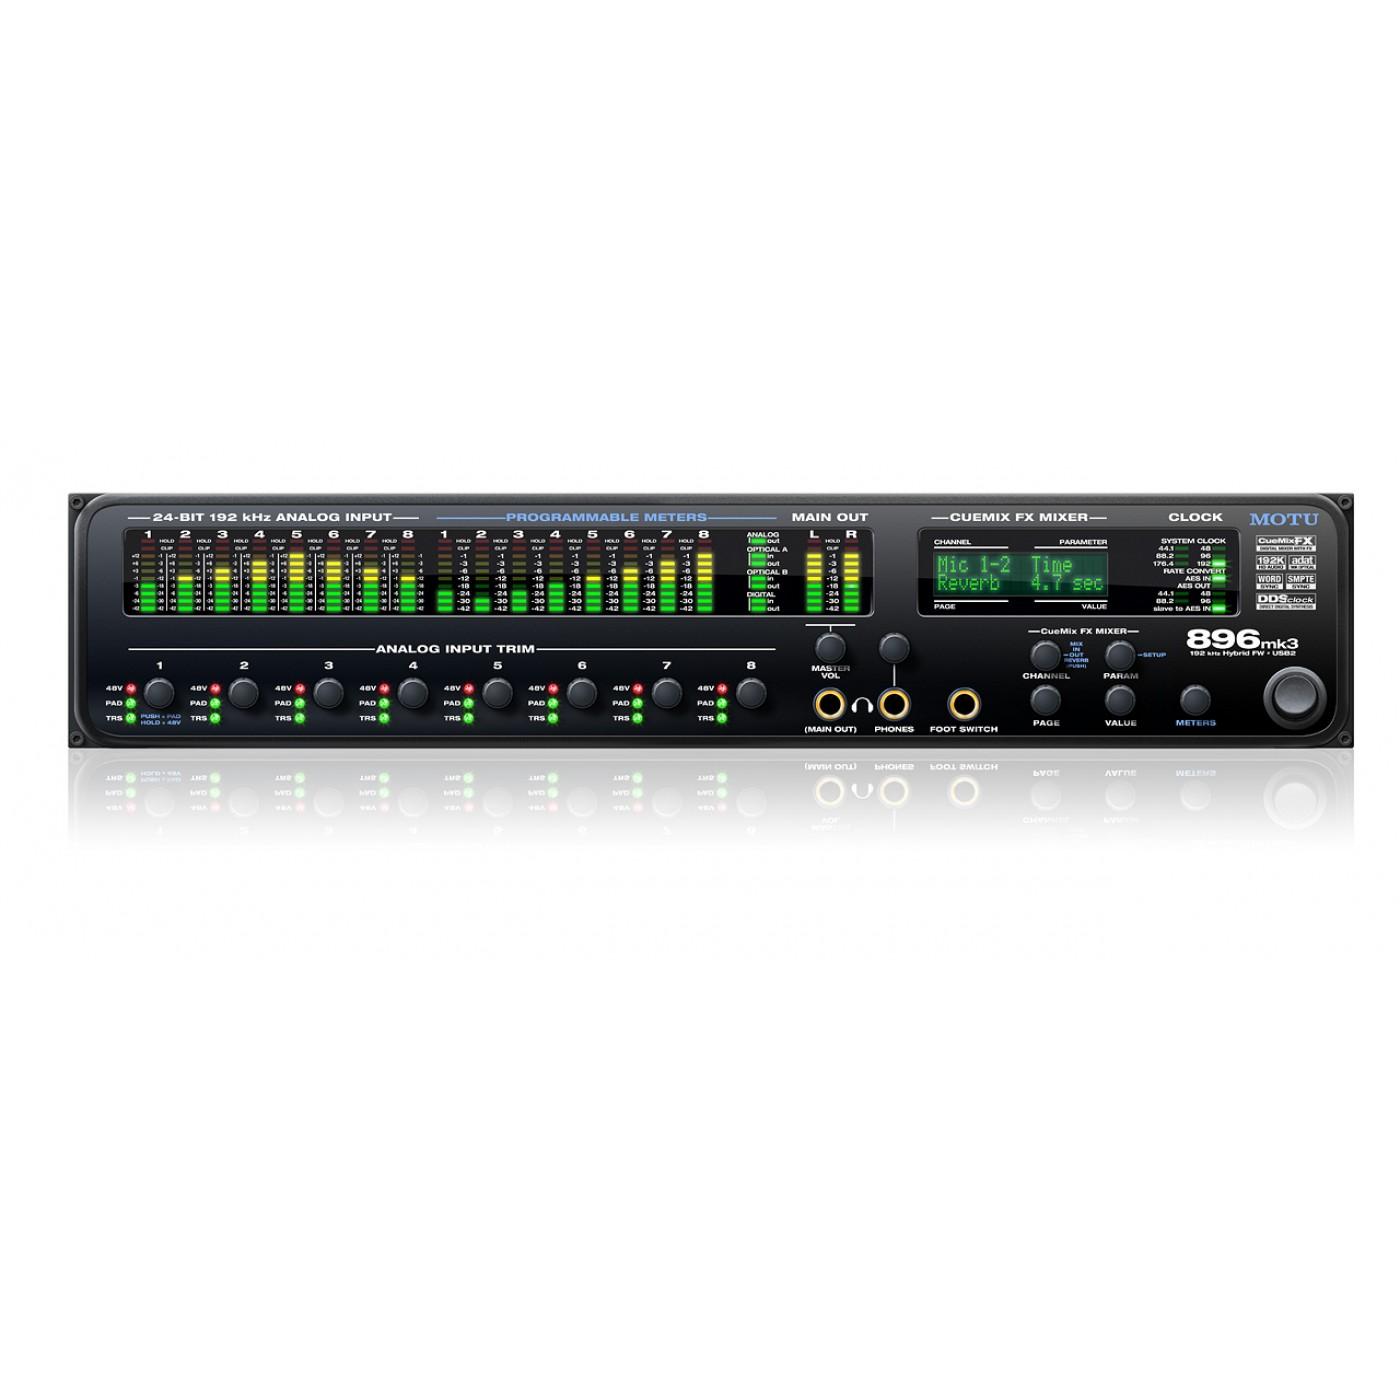 Motu 896 MKIII Hybrid | Rage Audio